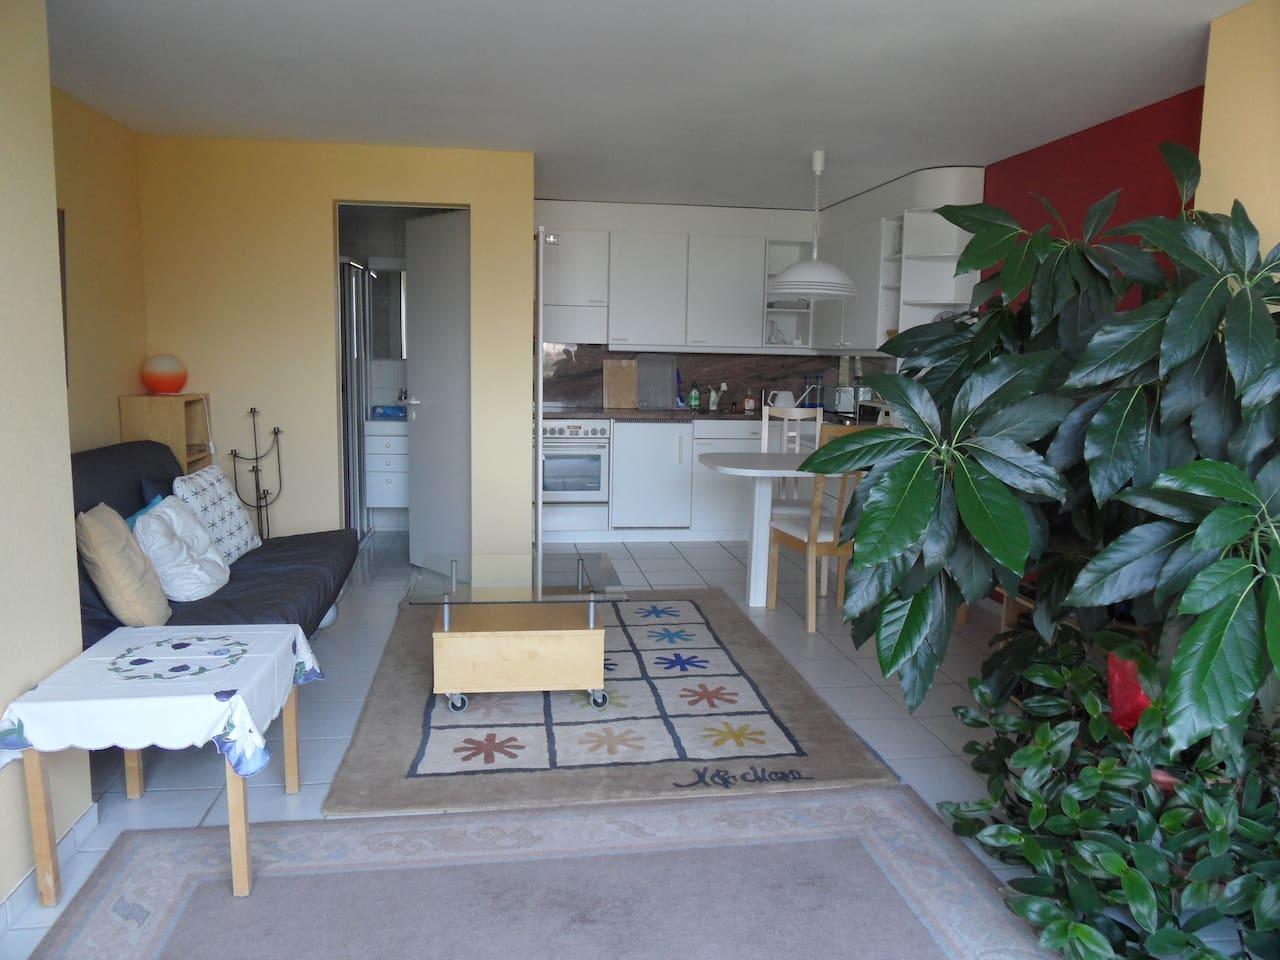 Blick in den Wohn-Essraum mit Küchenzeile